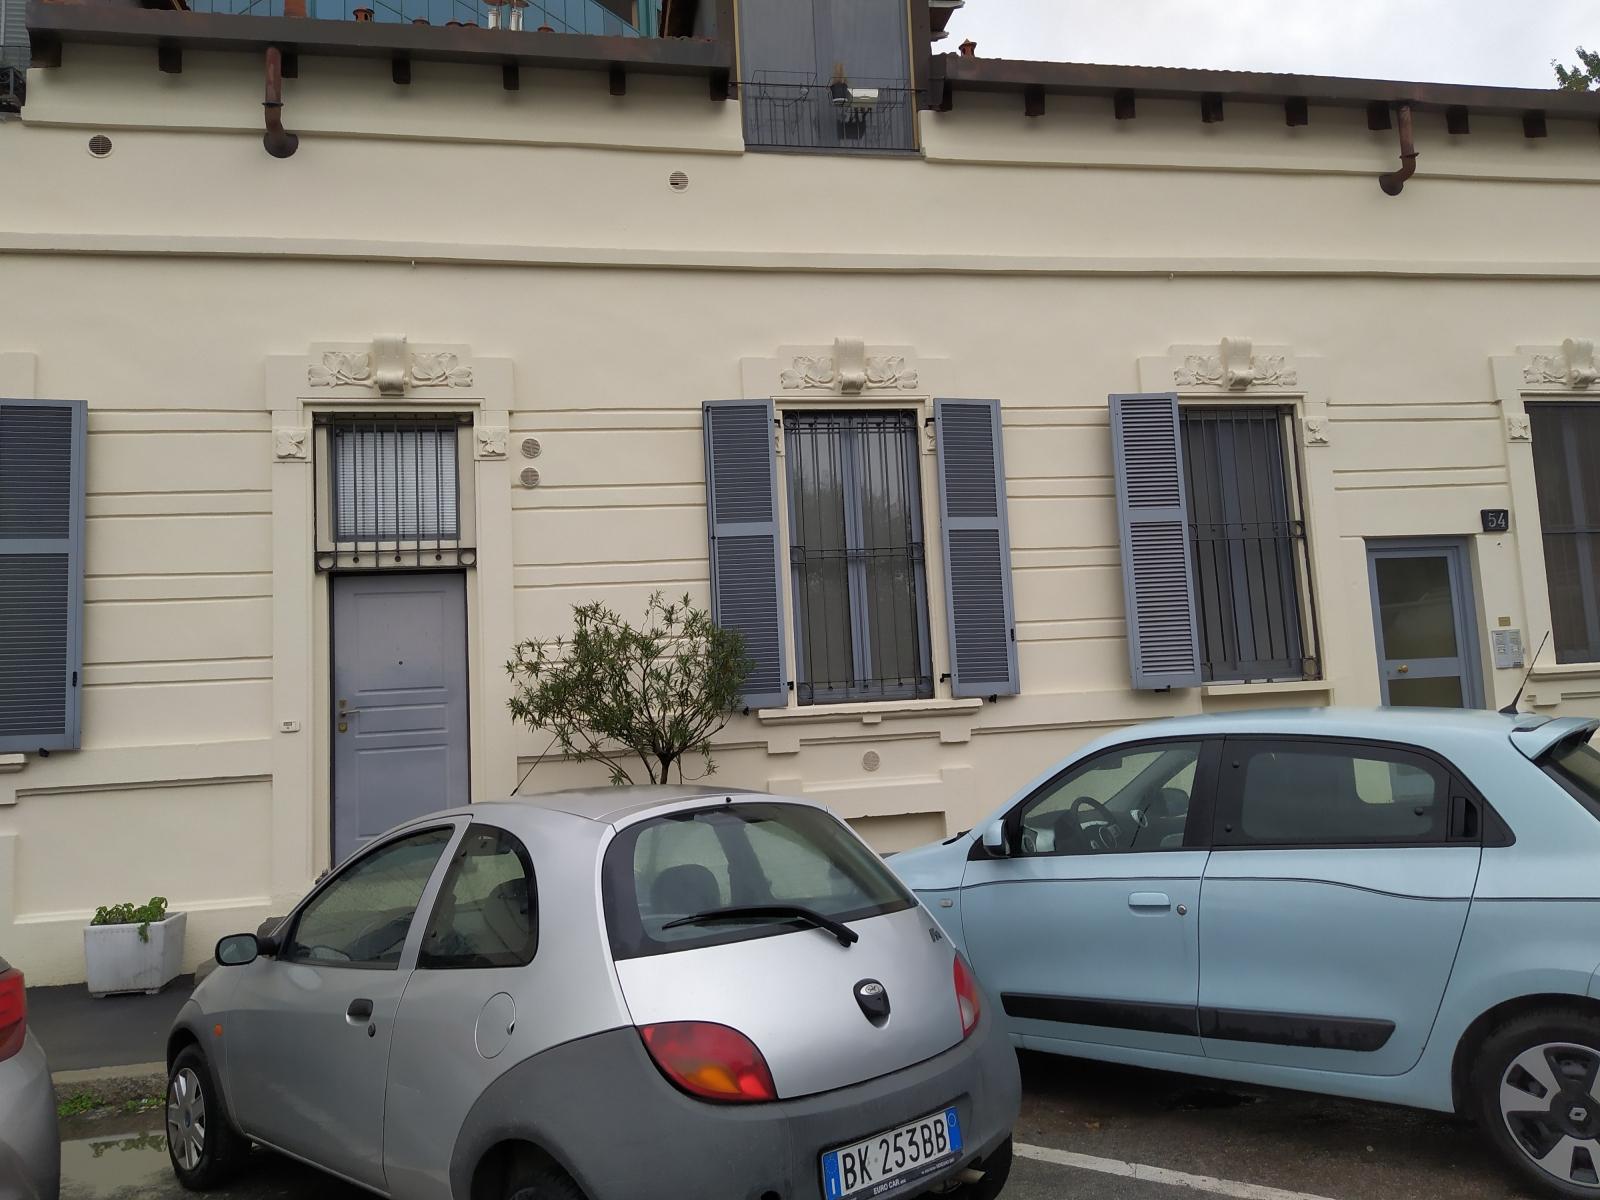 appartamento-in-vendita-milano-zona-ortica-loft-spaziourbano-immobioiare-vende-13